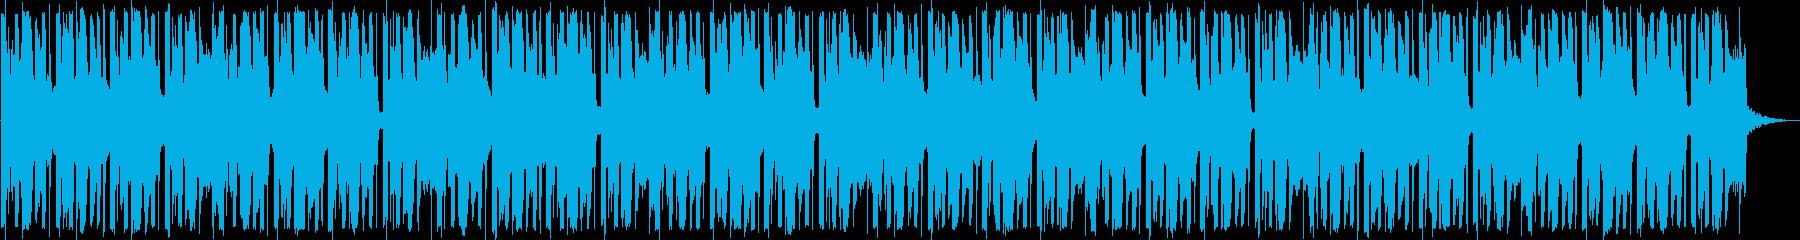 トロピカルなEDMの再生済みの波形